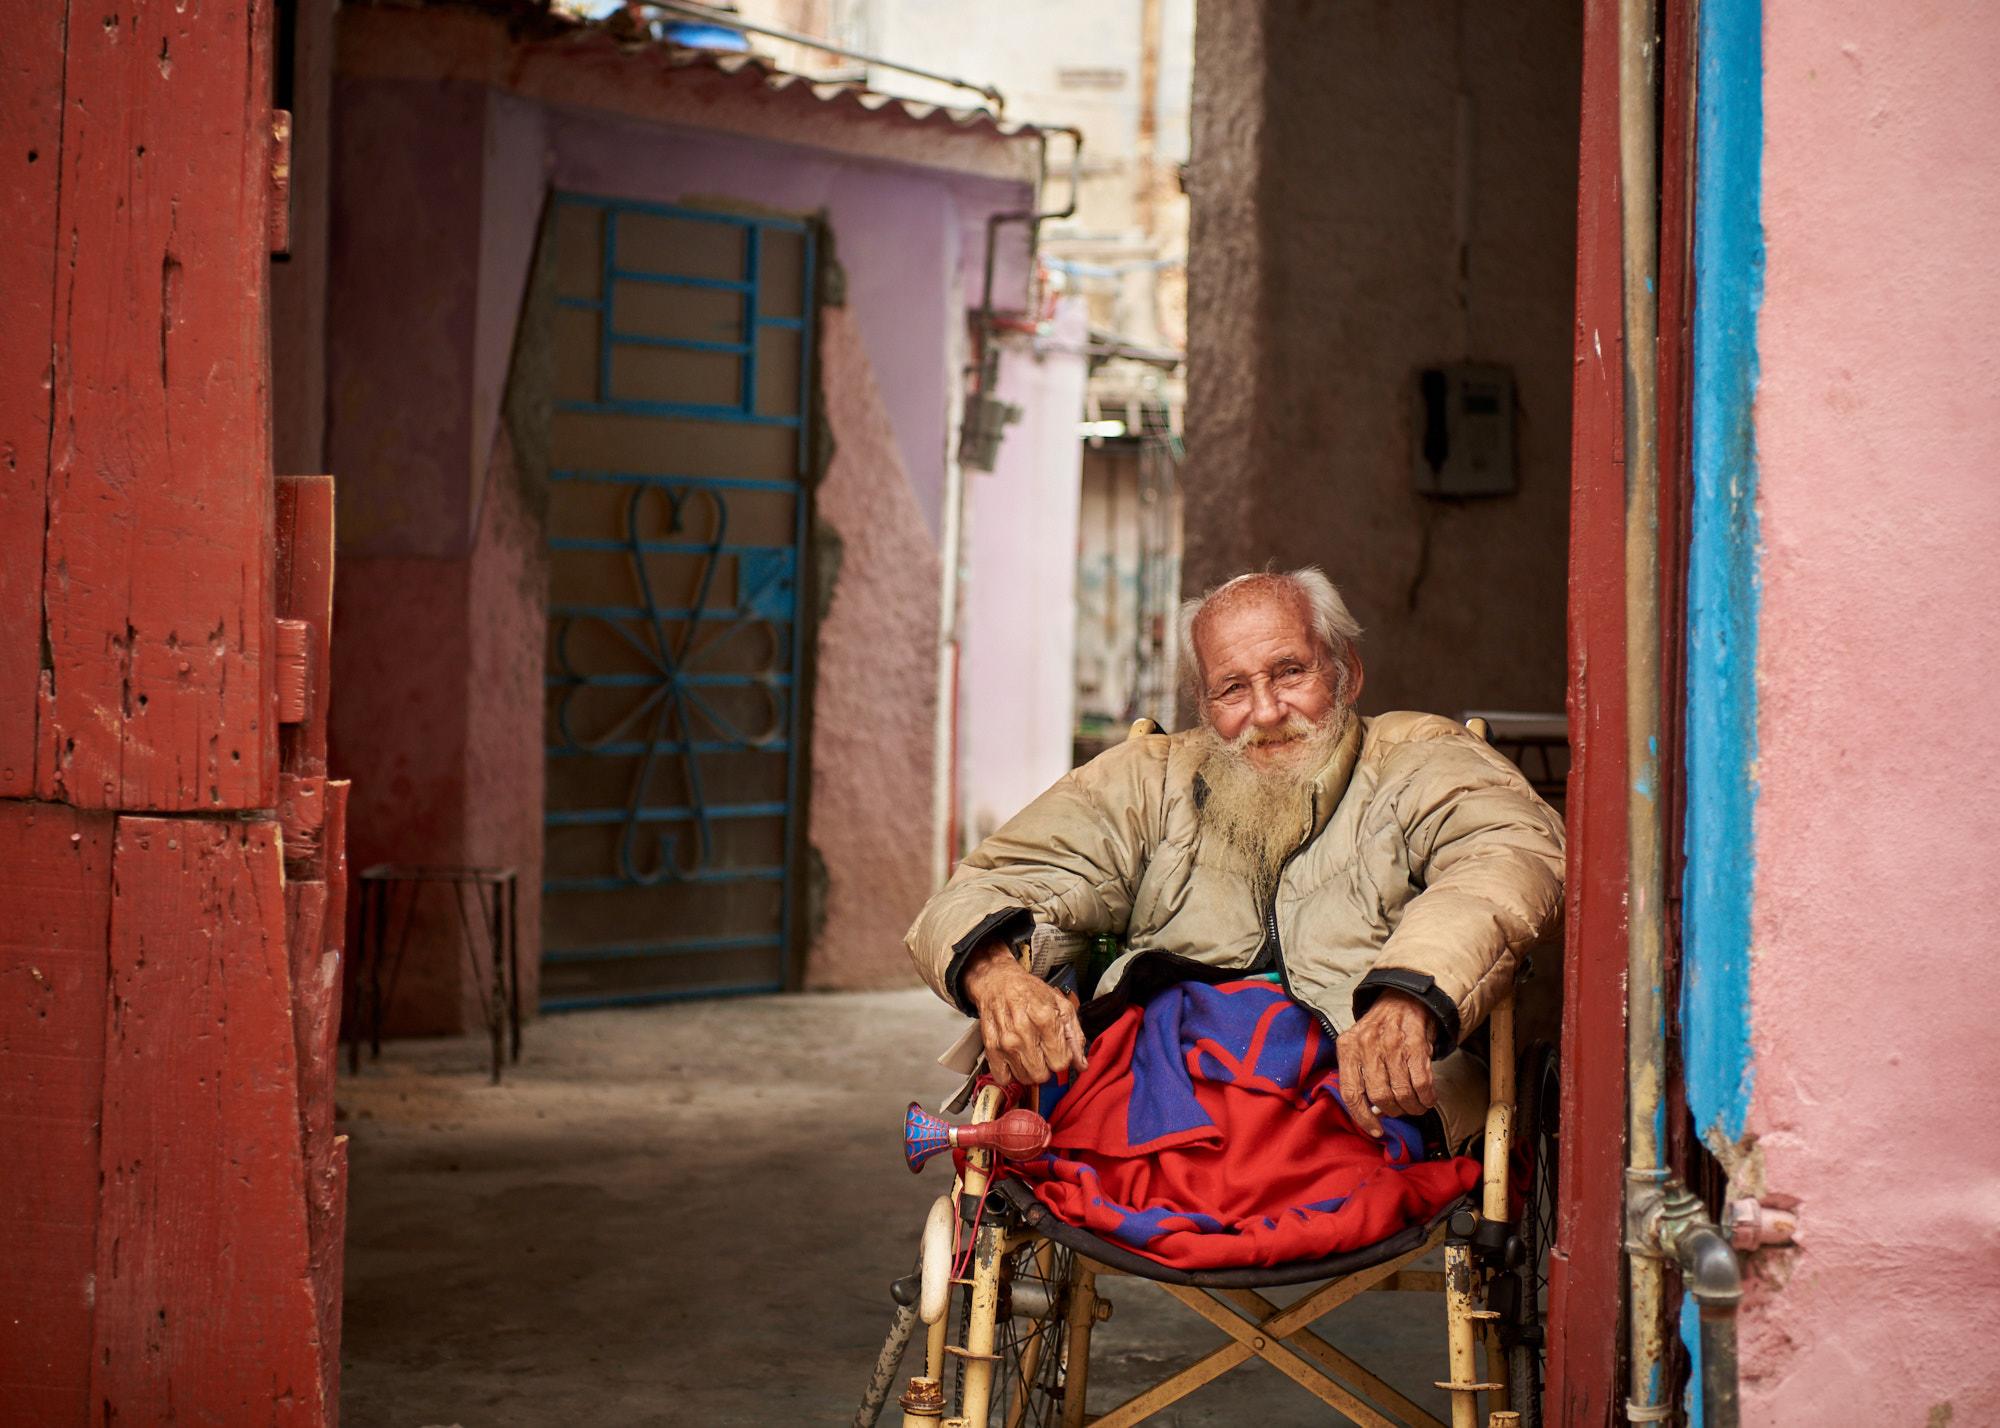 18-01-02-Cuba_0327Web.jpg